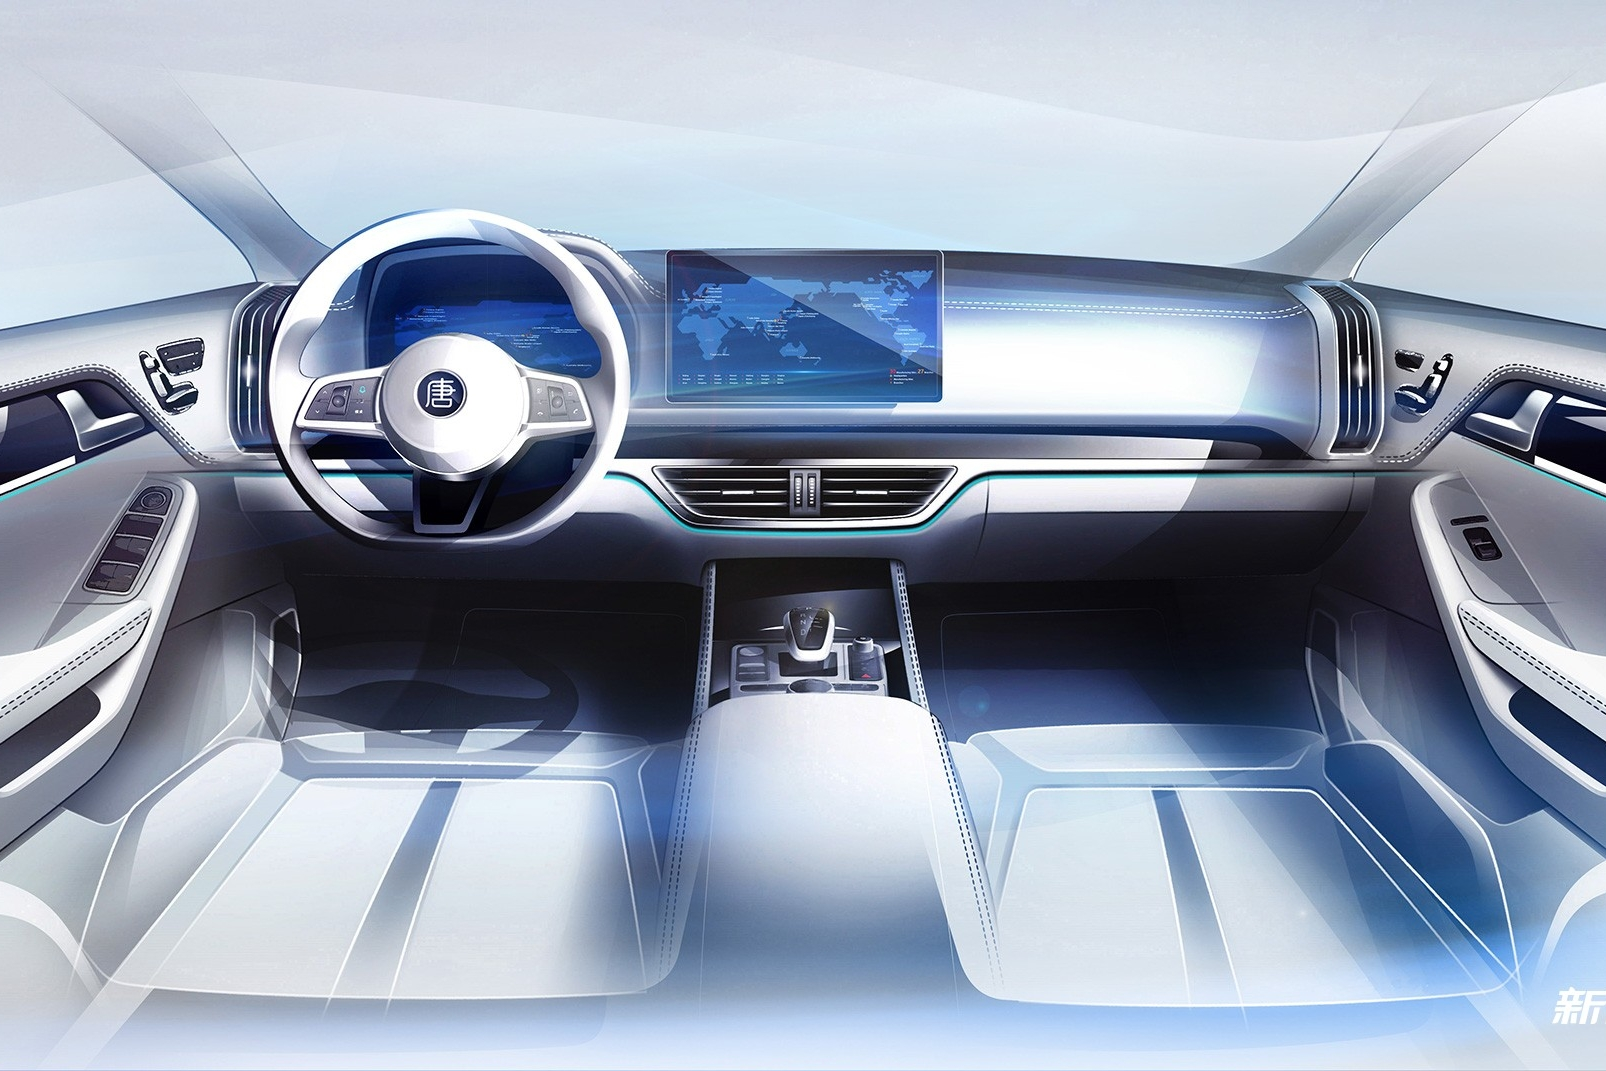 全新豪华风格/可90°旋转触控屏 比亚迪新一代唐内饰设计图